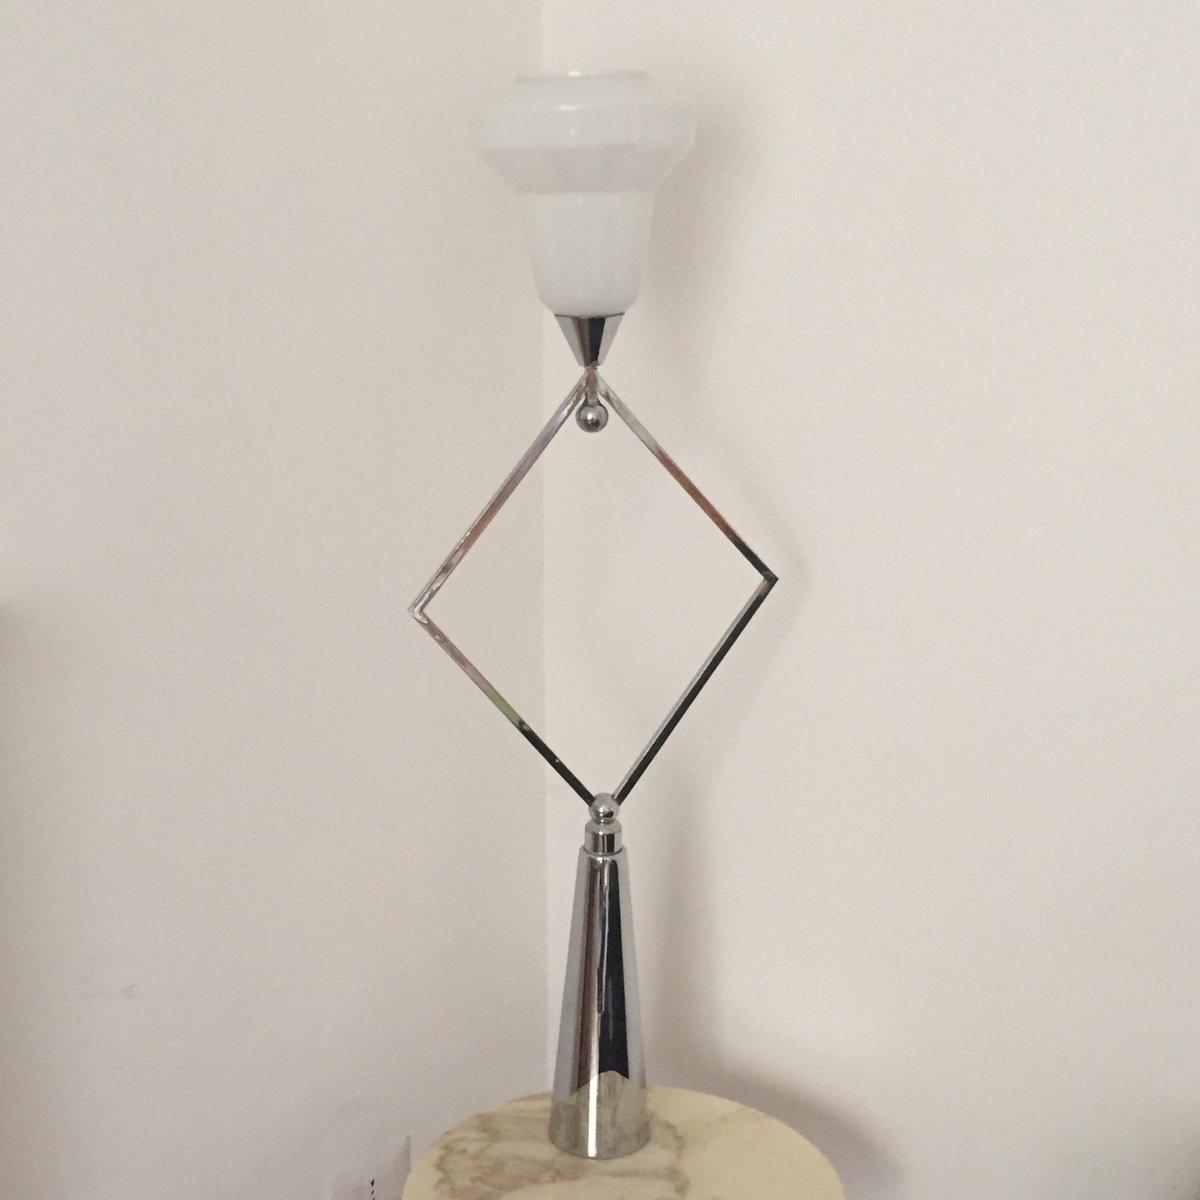 franz sische art deco lampe aus metall glas bei pamono kaufen. Black Bedroom Furniture Sets. Home Design Ideas